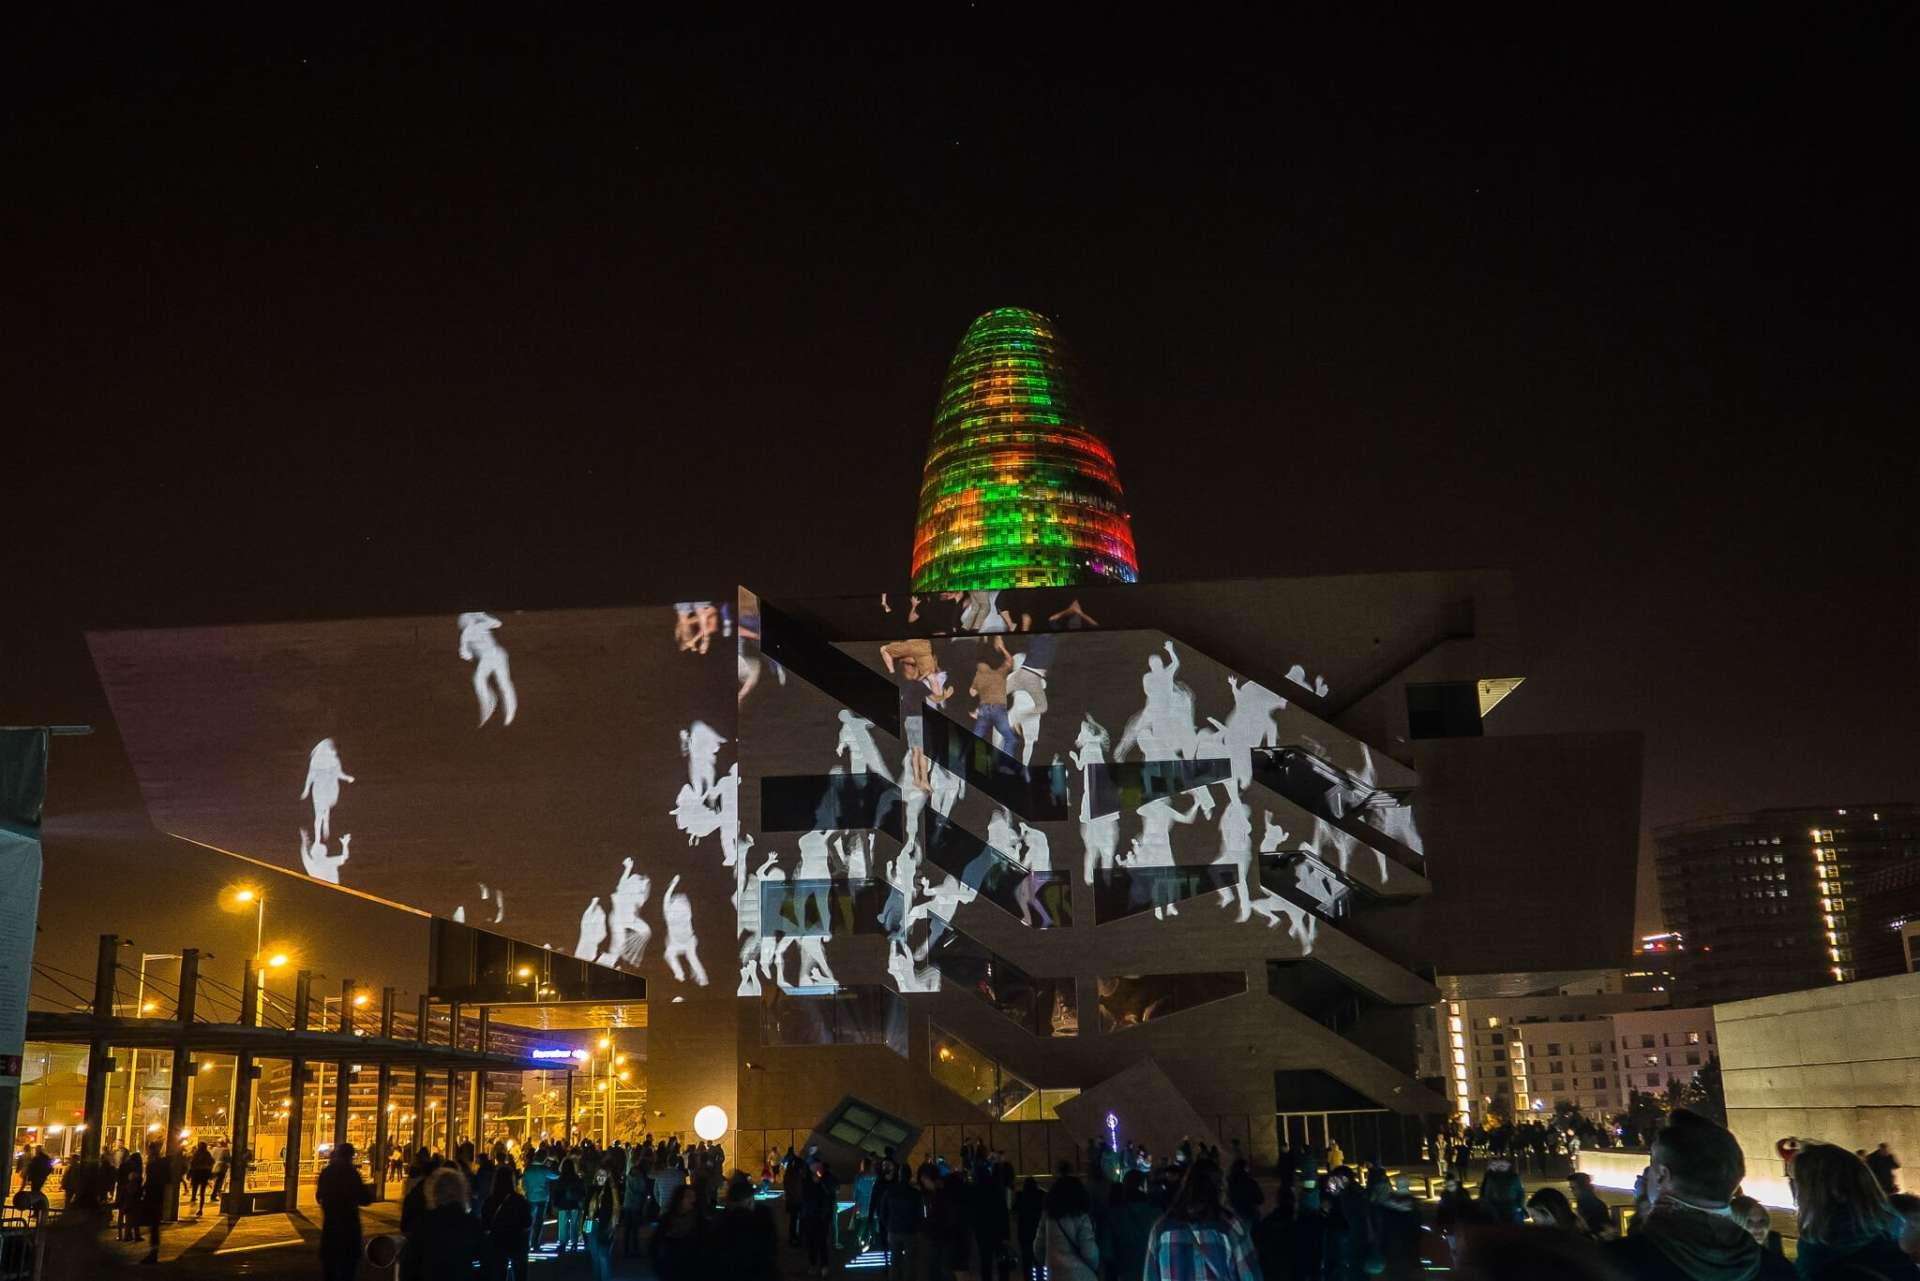 festiwal światła w Barcelonie